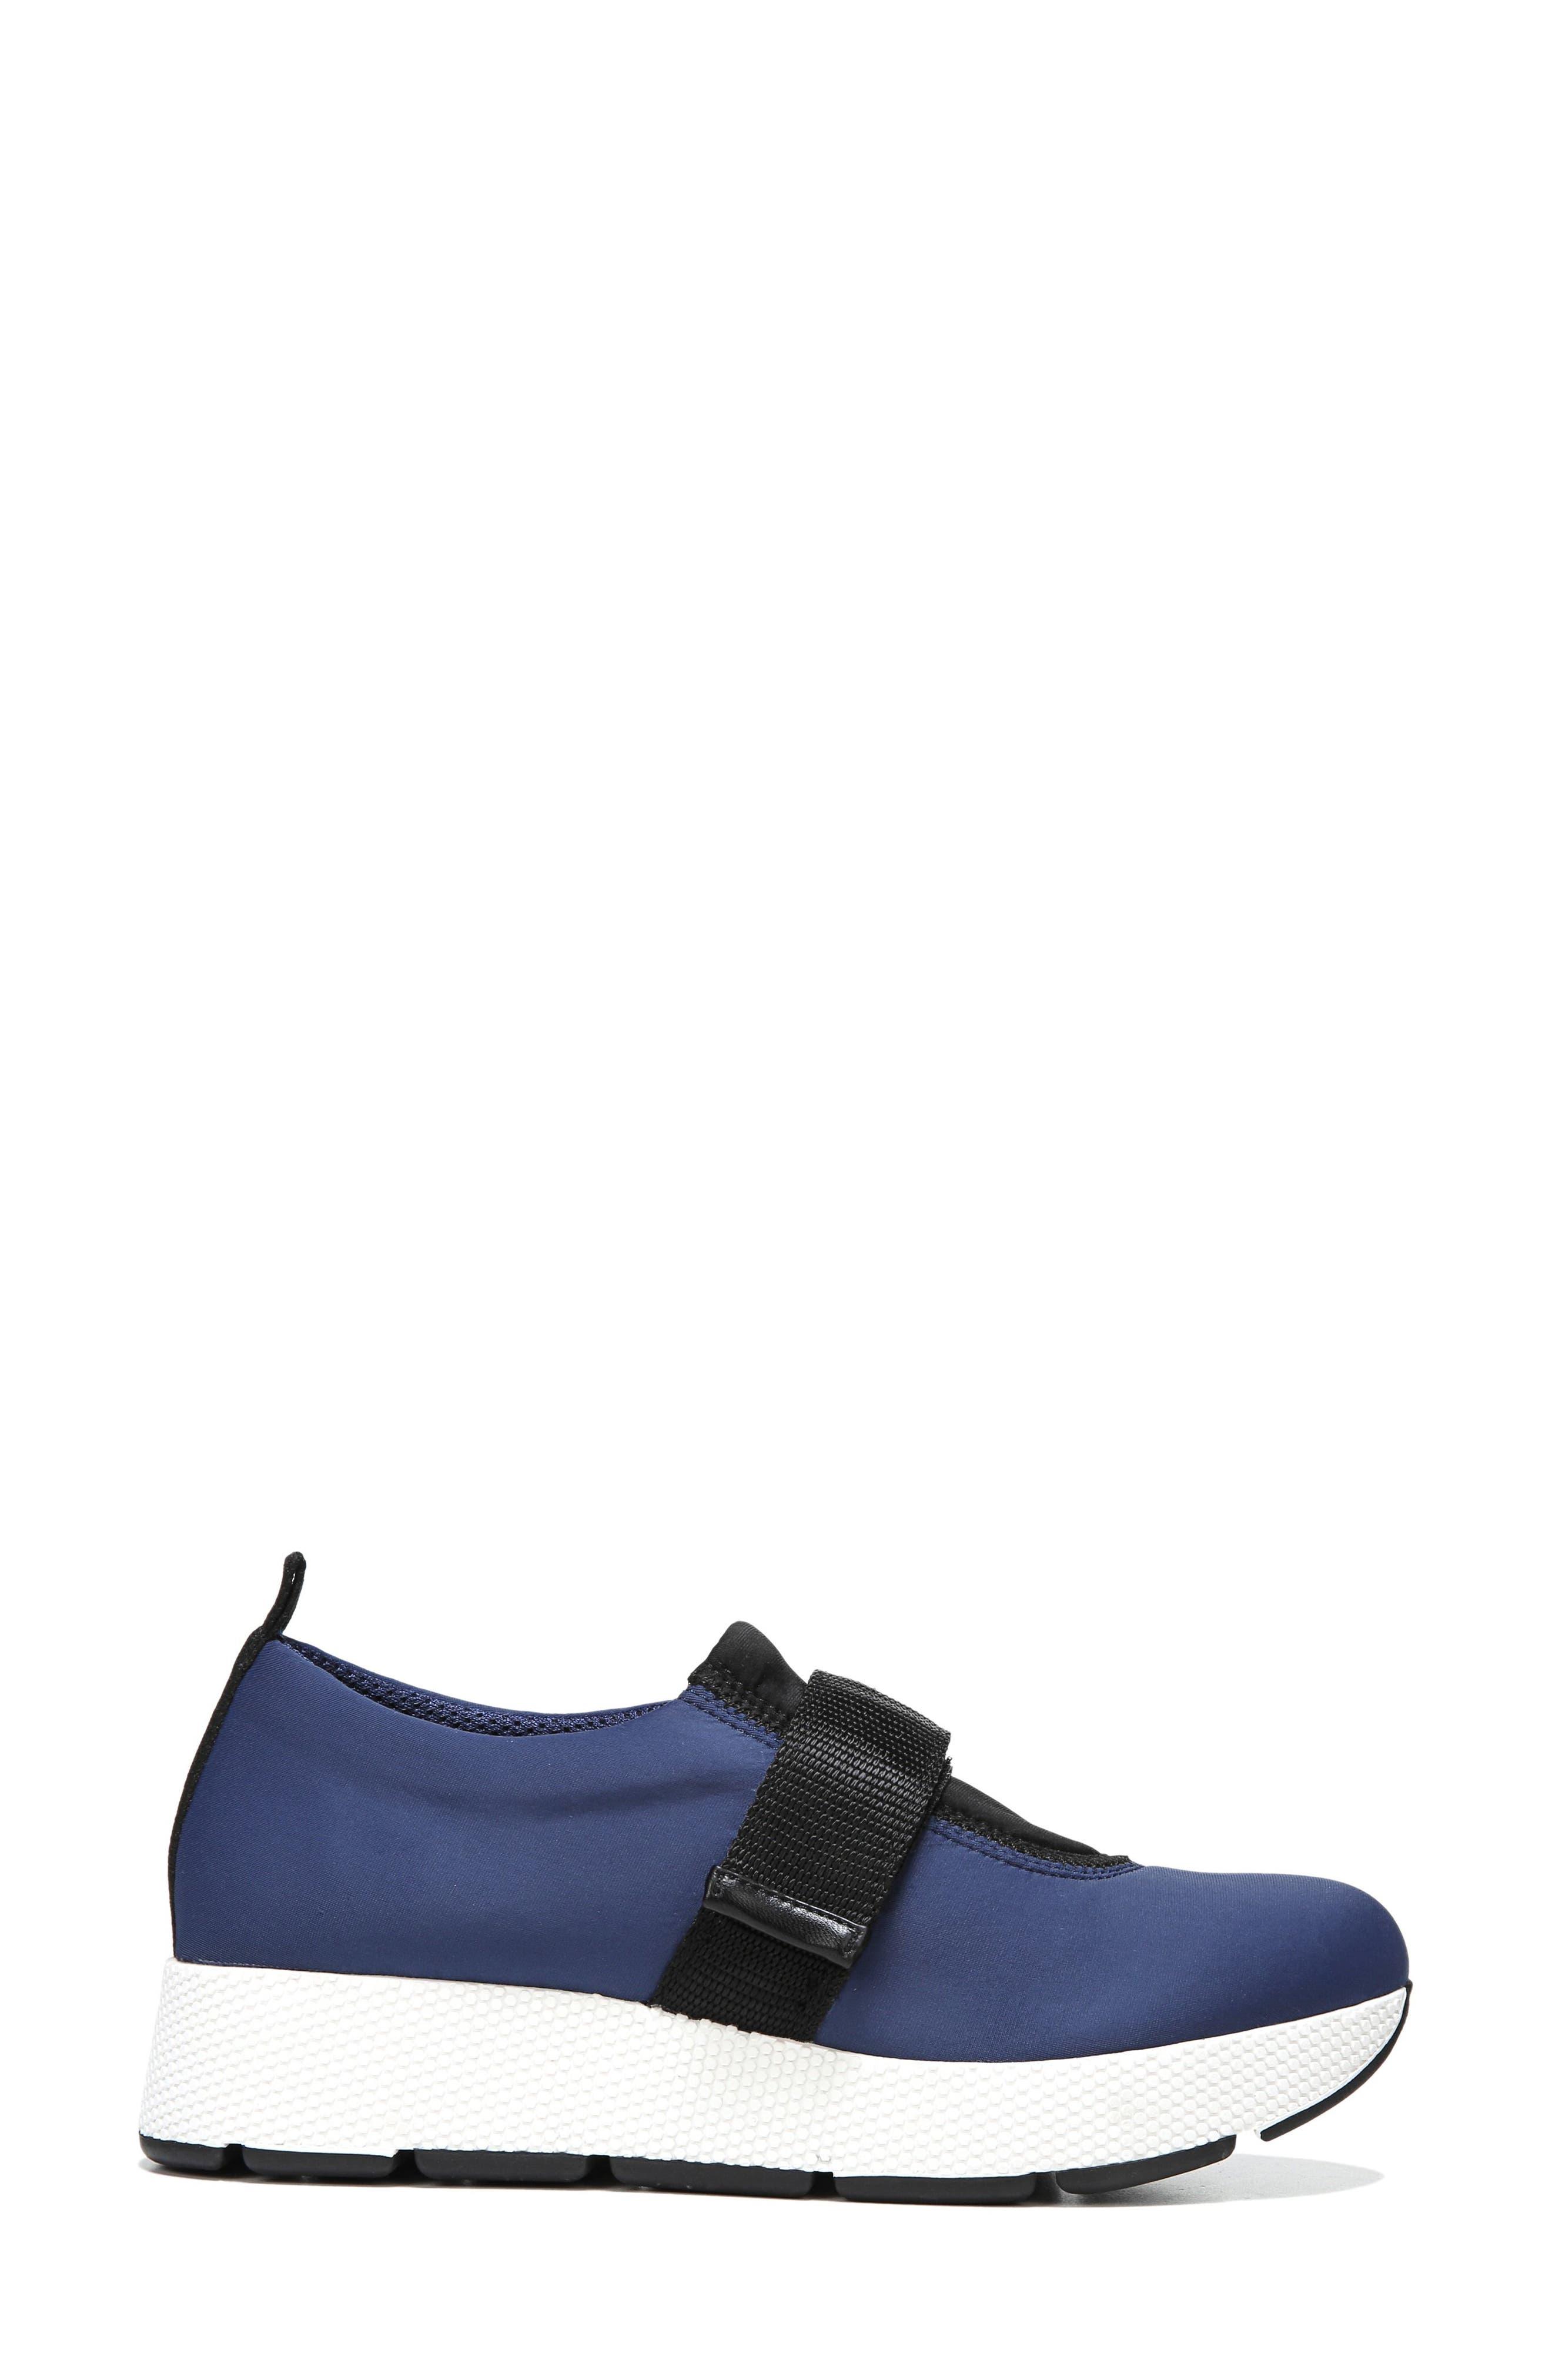 Odella Slip-On Sneaker,                             Alternate thumbnail 12, color,